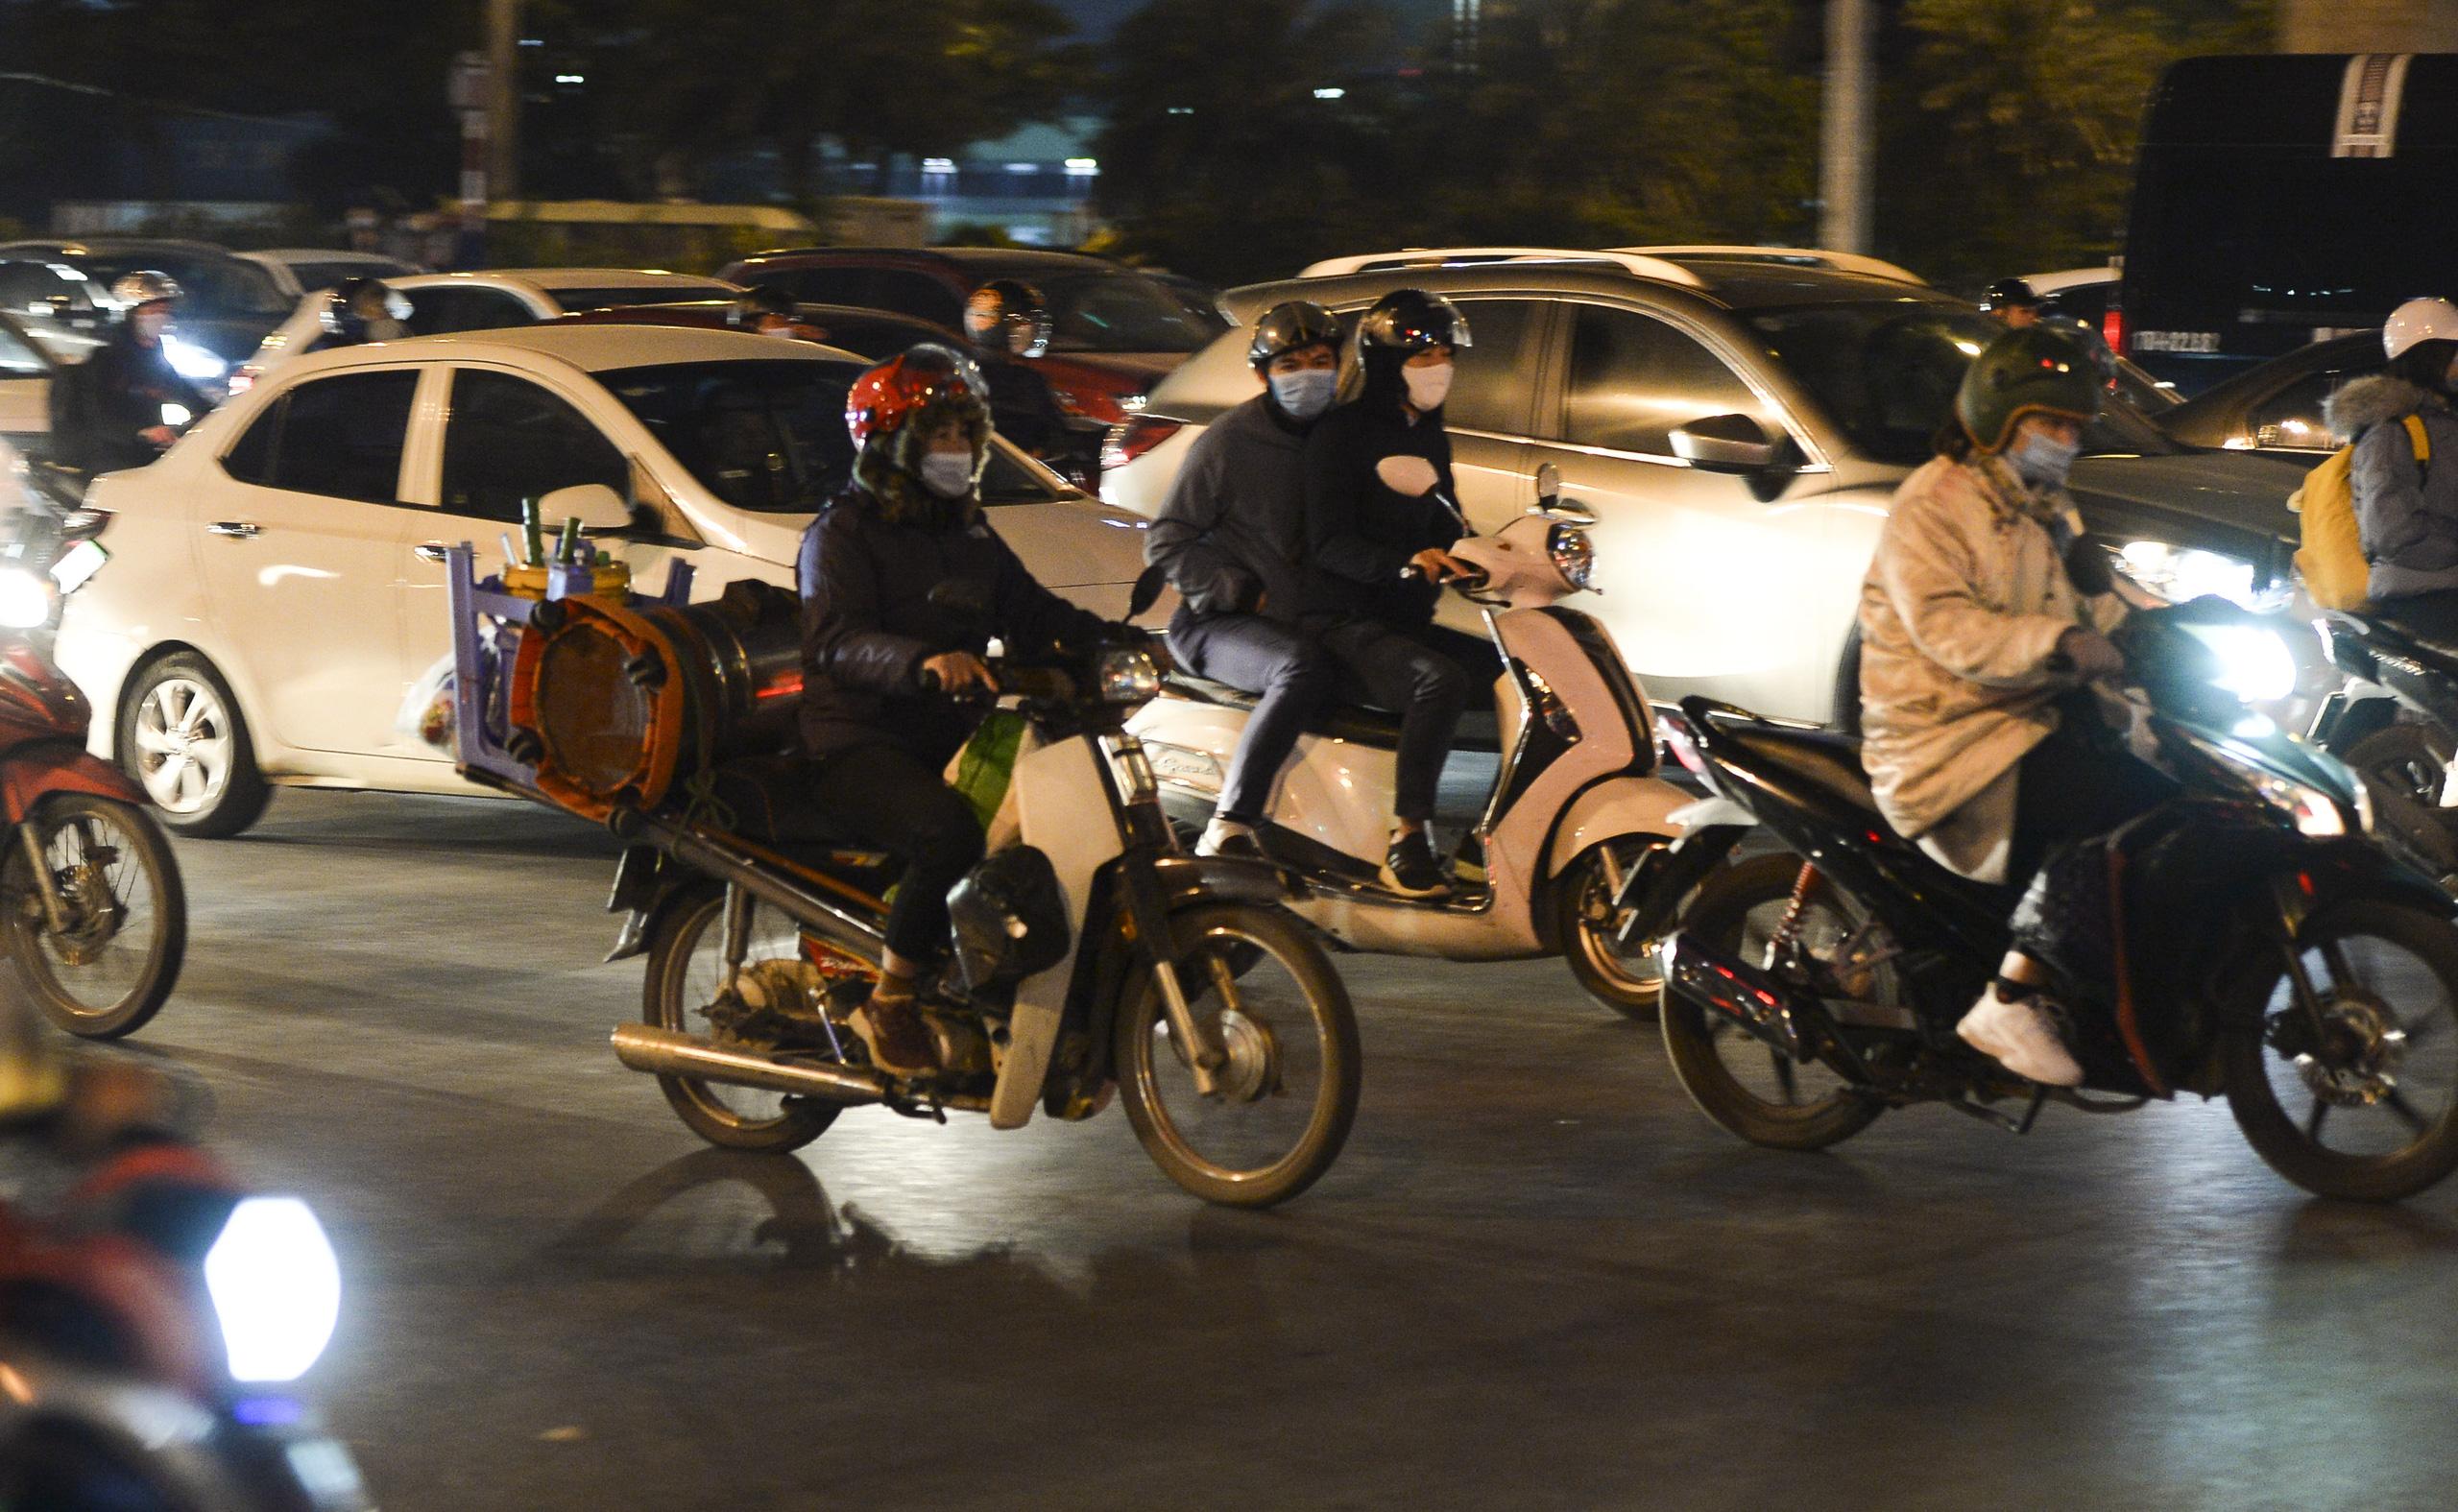 Chùm ảnh đường phố Hà Nội đông kín người từ chiều đến tối ngày cuối năm 2020 - Ảnh 4.